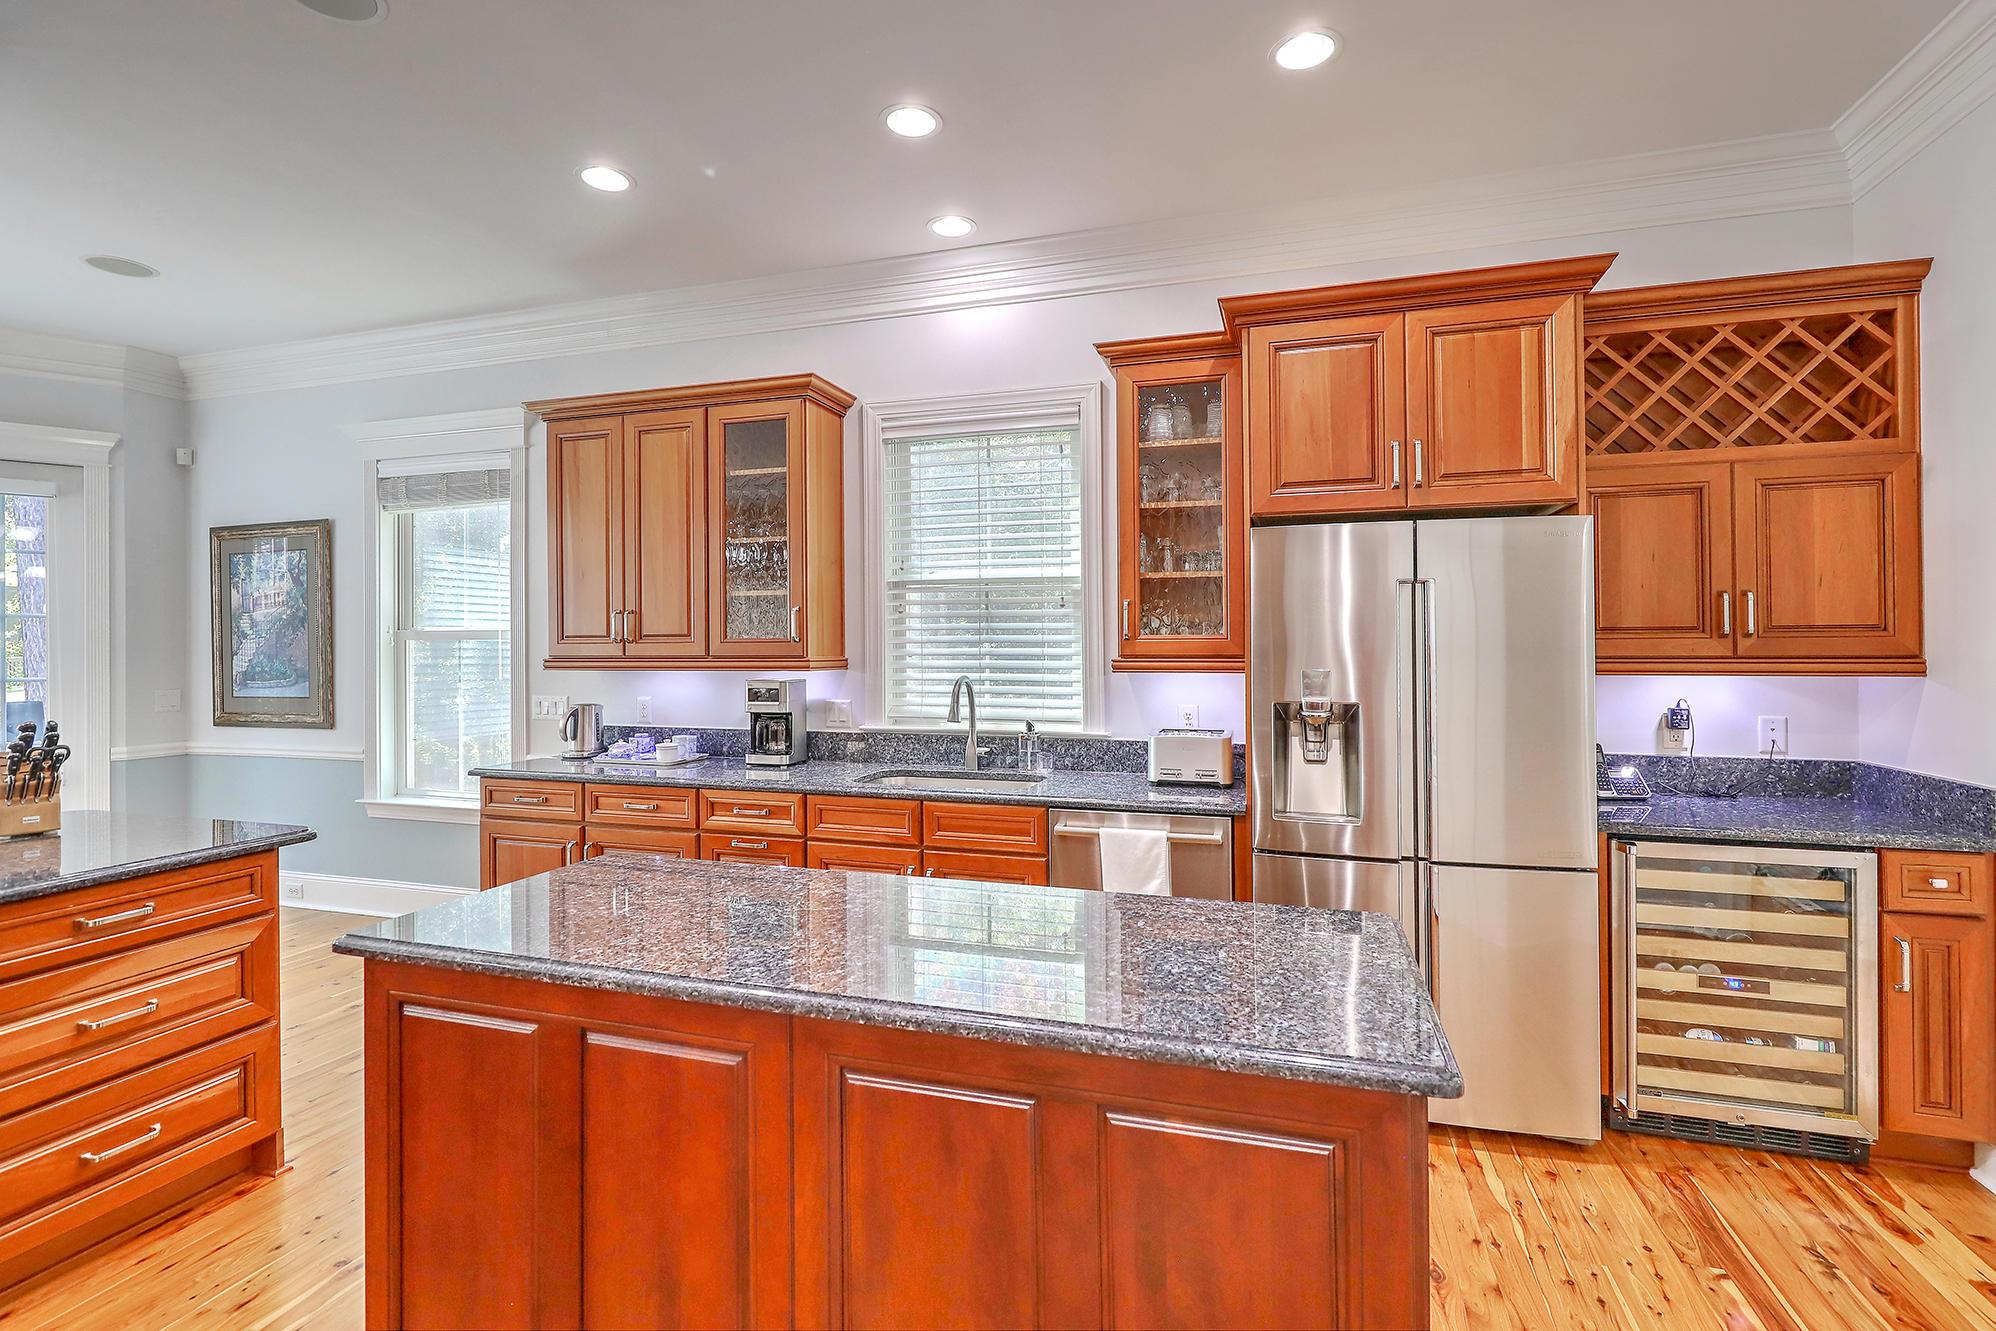 Park West Homes For Sale - 2108 Malcolm, Mount Pleasant, SC - 4